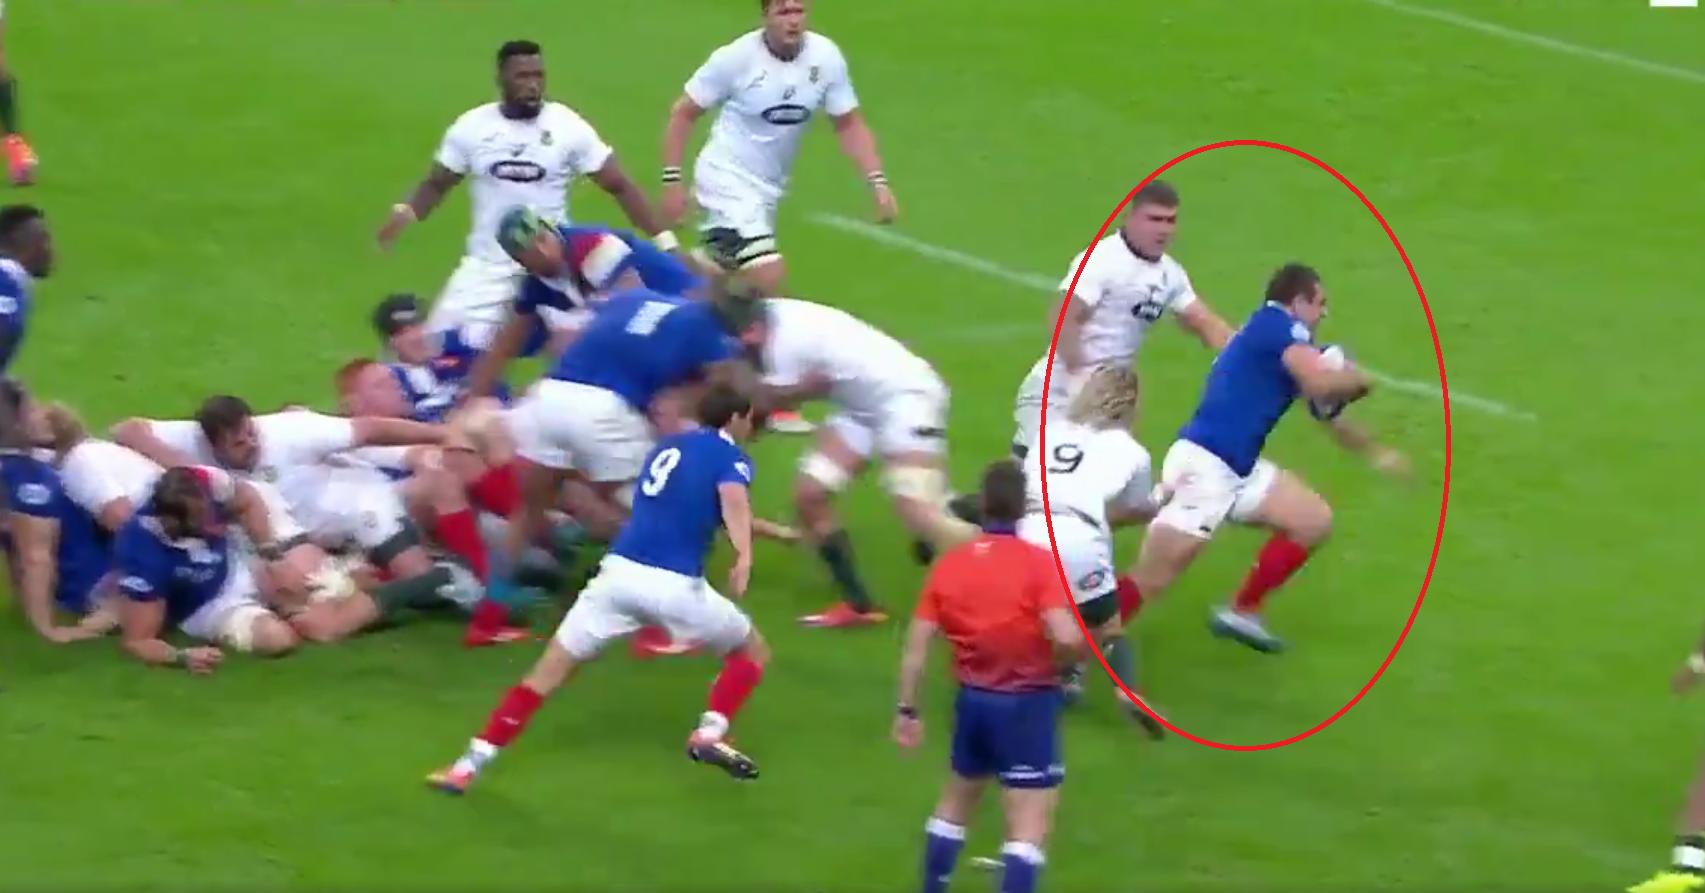 Rugby - XV de France - France-Afrique du Sud : l'essai libérateur de Guirado juste avant la mi-temps en vidéo